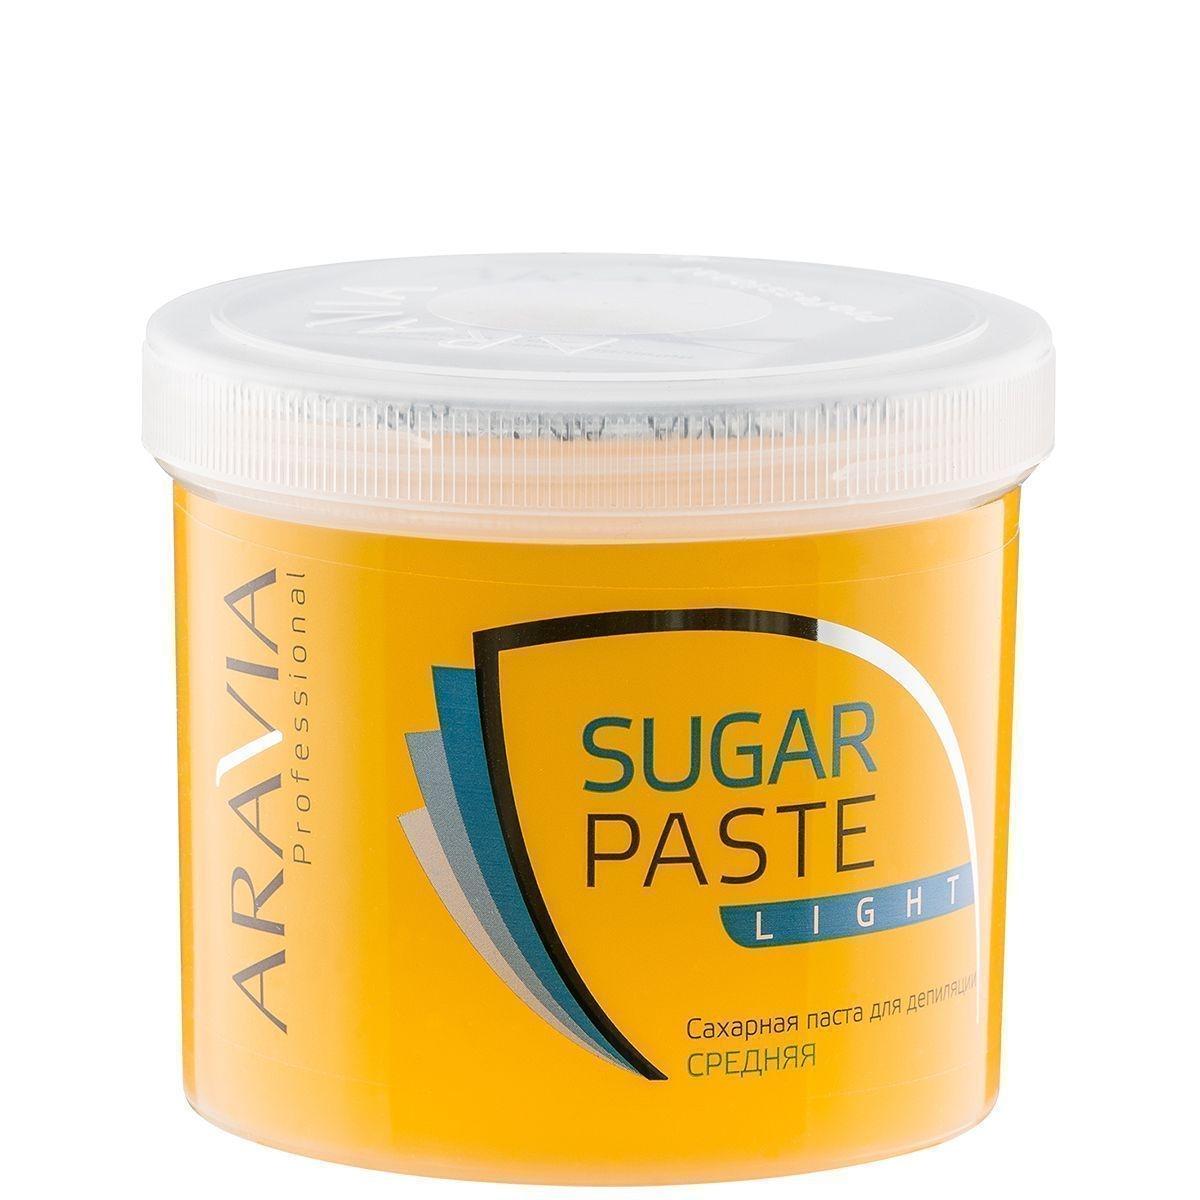 ARAVIA Паста Sugar Paste Сахарная для Депиляции Легкая Средней Консистенции, 750 гр